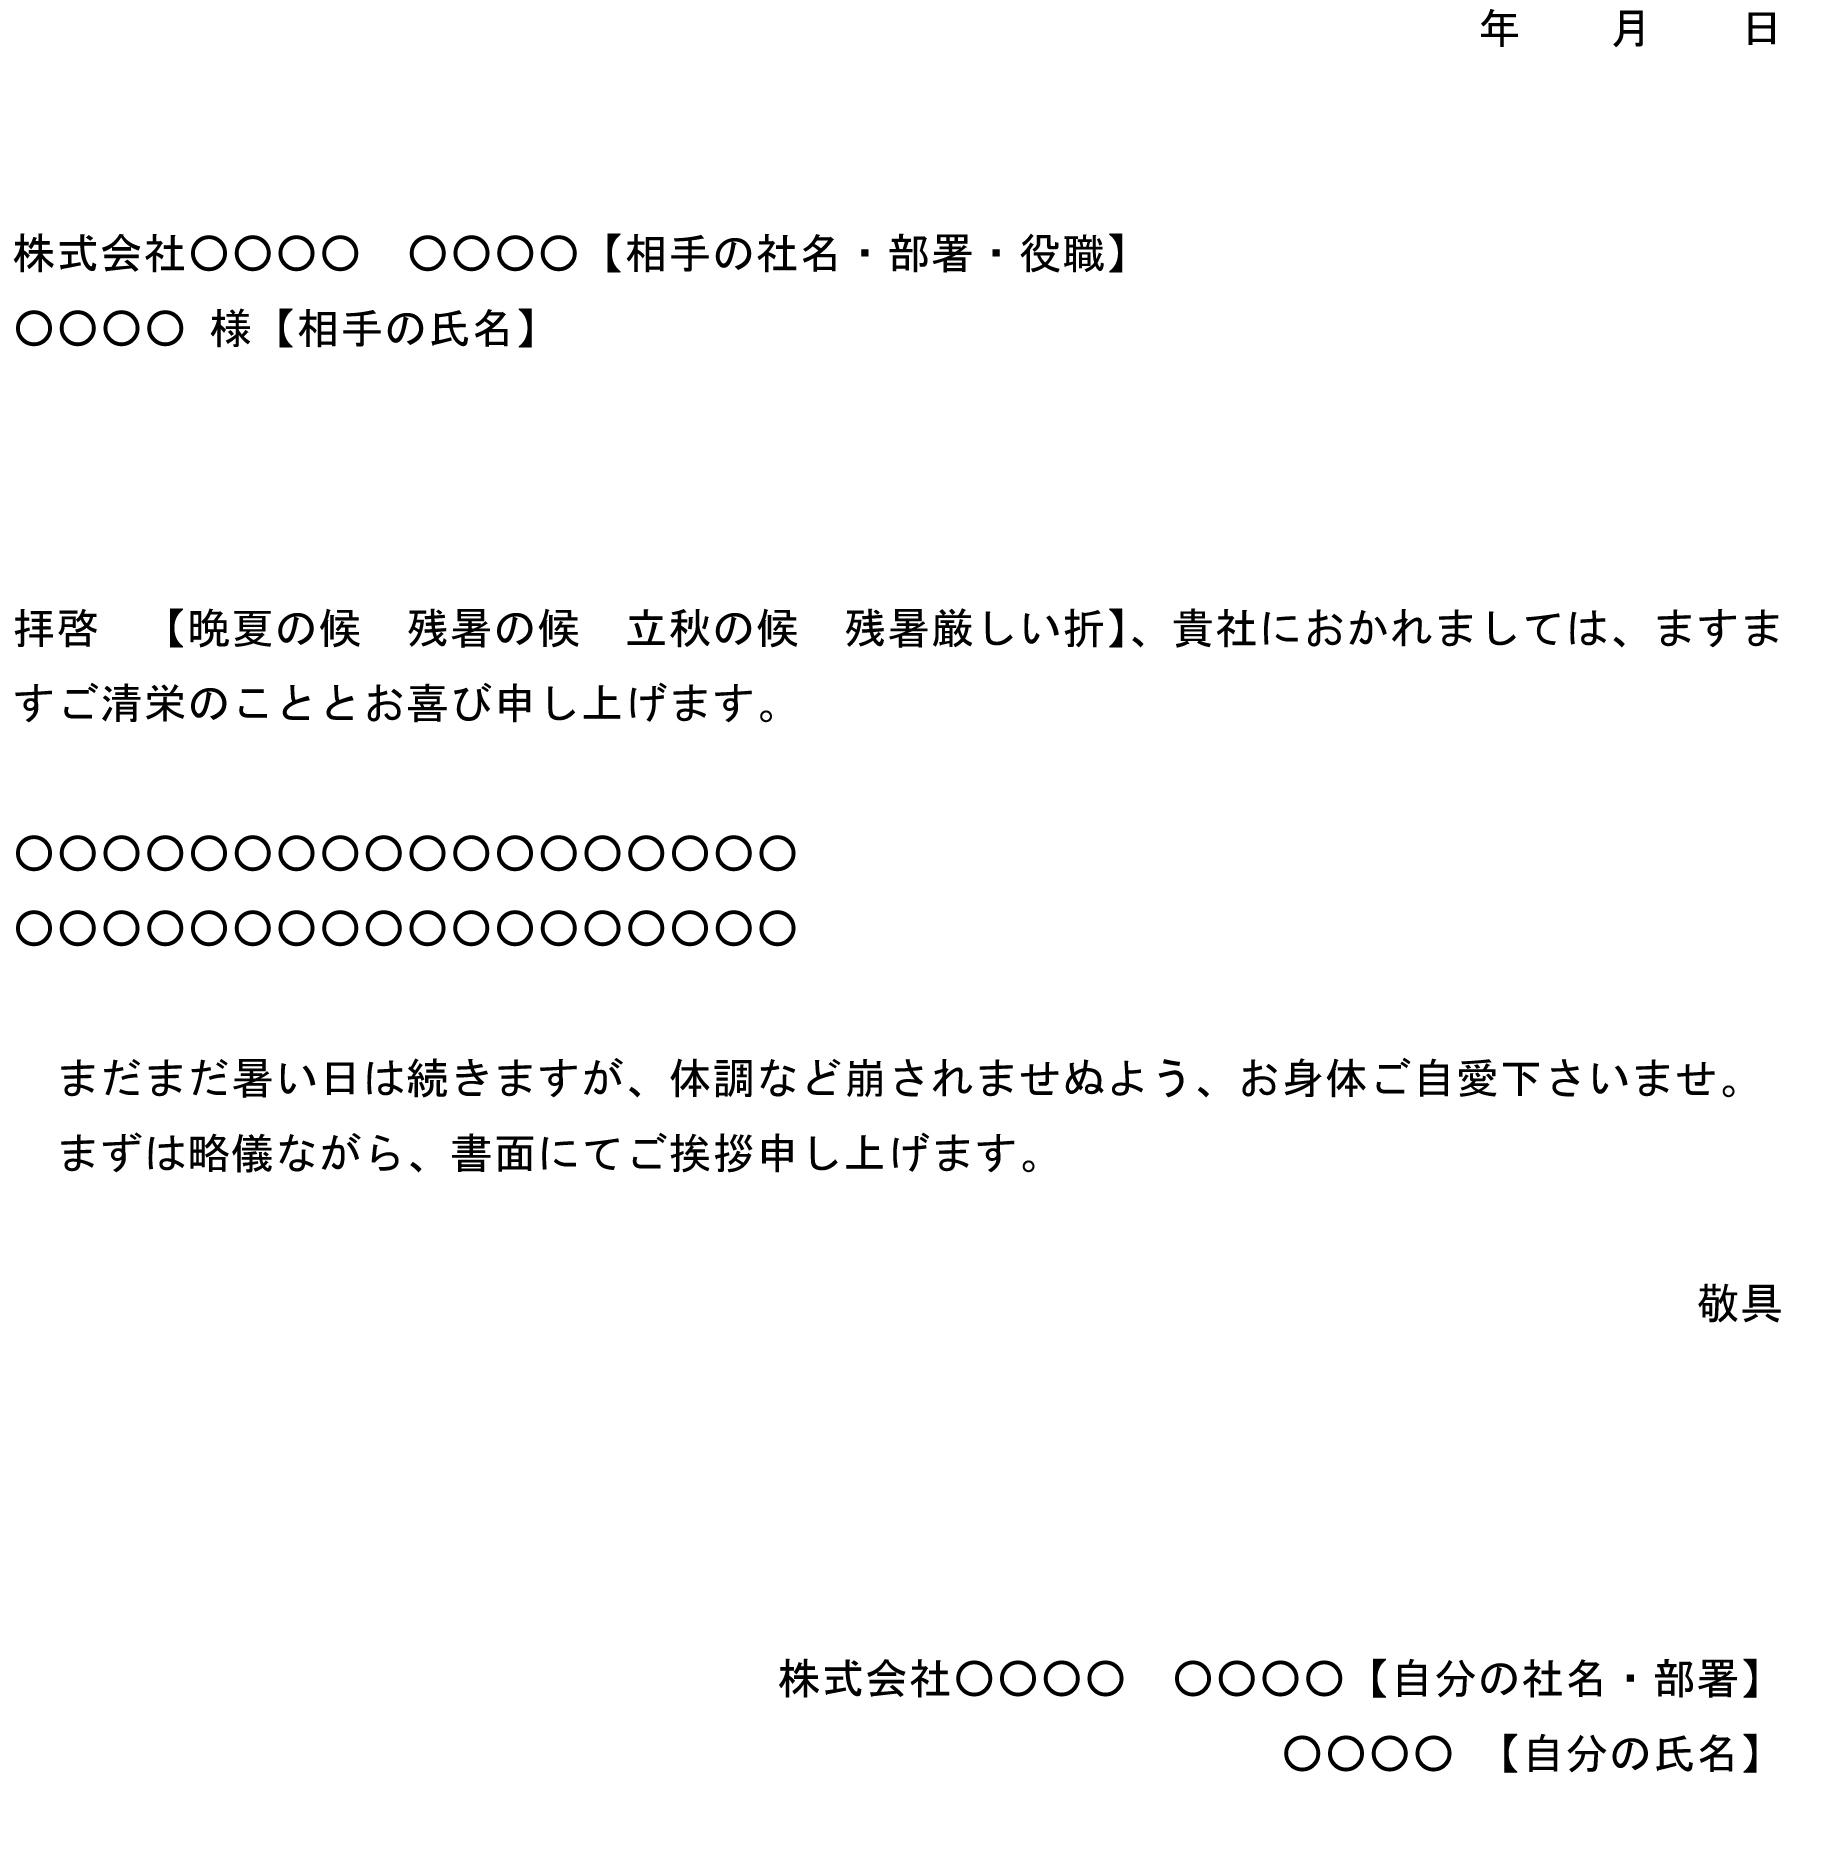 挨拶状(夏季語)04